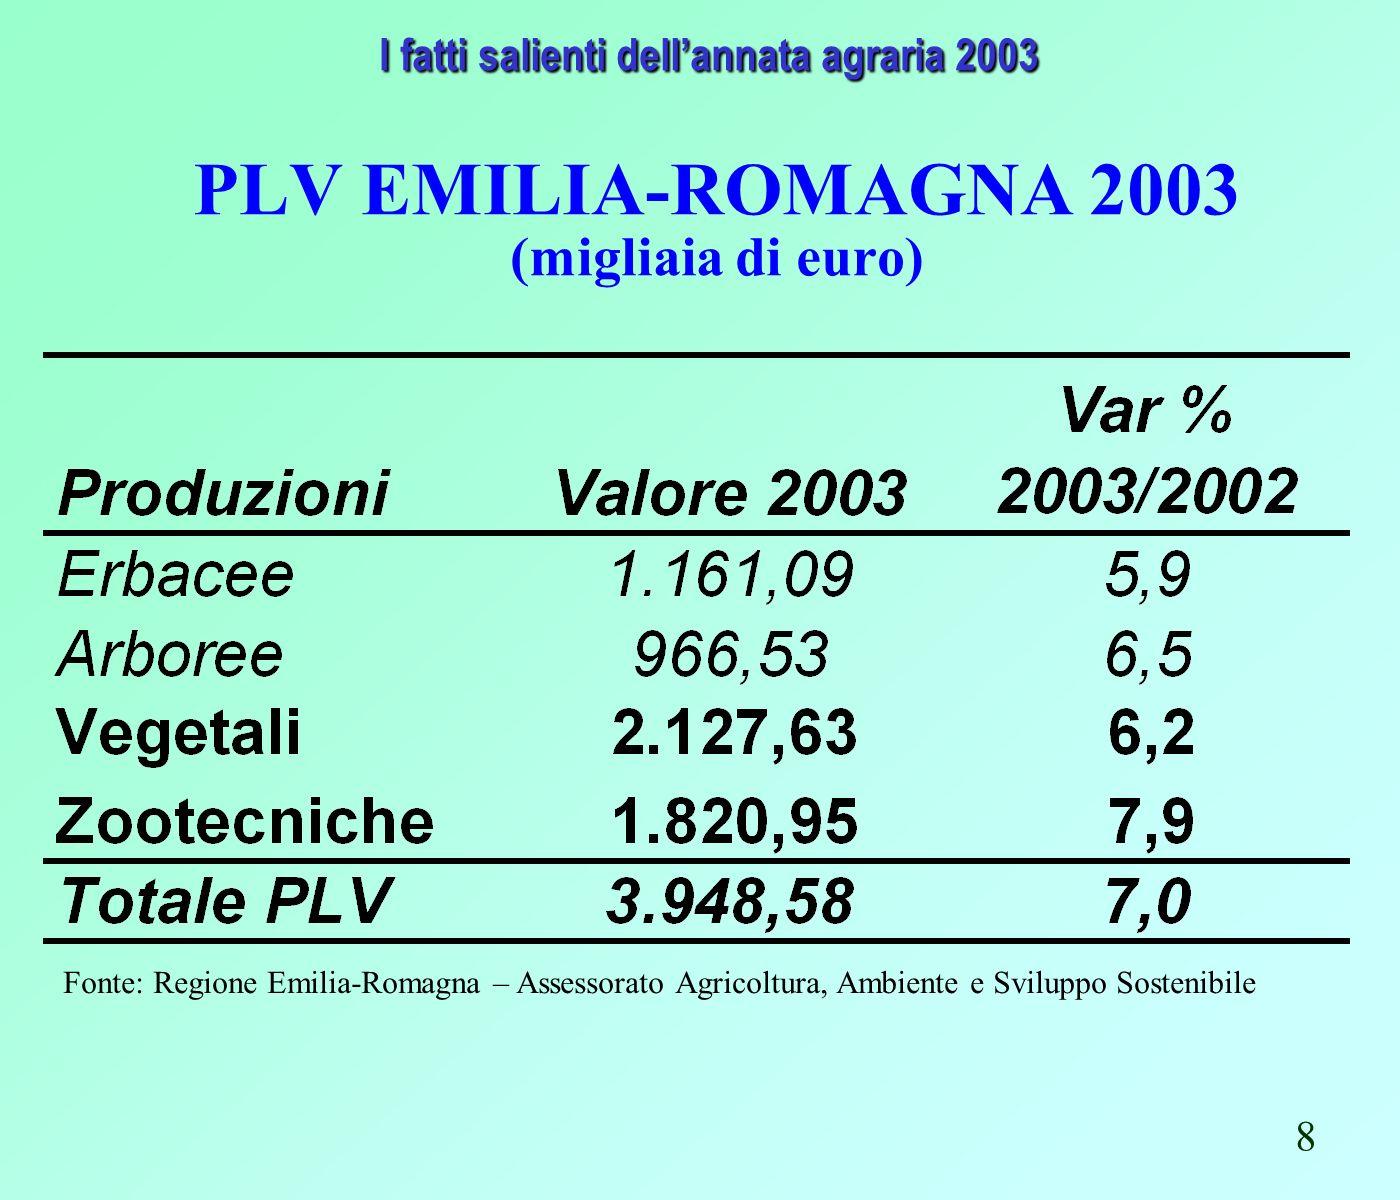 Fonte: Regione Emilia-Romagna – Assessorato Agricoltura, Ambiente e Sviluppo Sostenibile PLV 2003 - (migliaia di euro) Ripartizione percentuale per comparti I fatti salienti dellannata agraria 2003 I fatti salienti dellannata agraria 2003 9